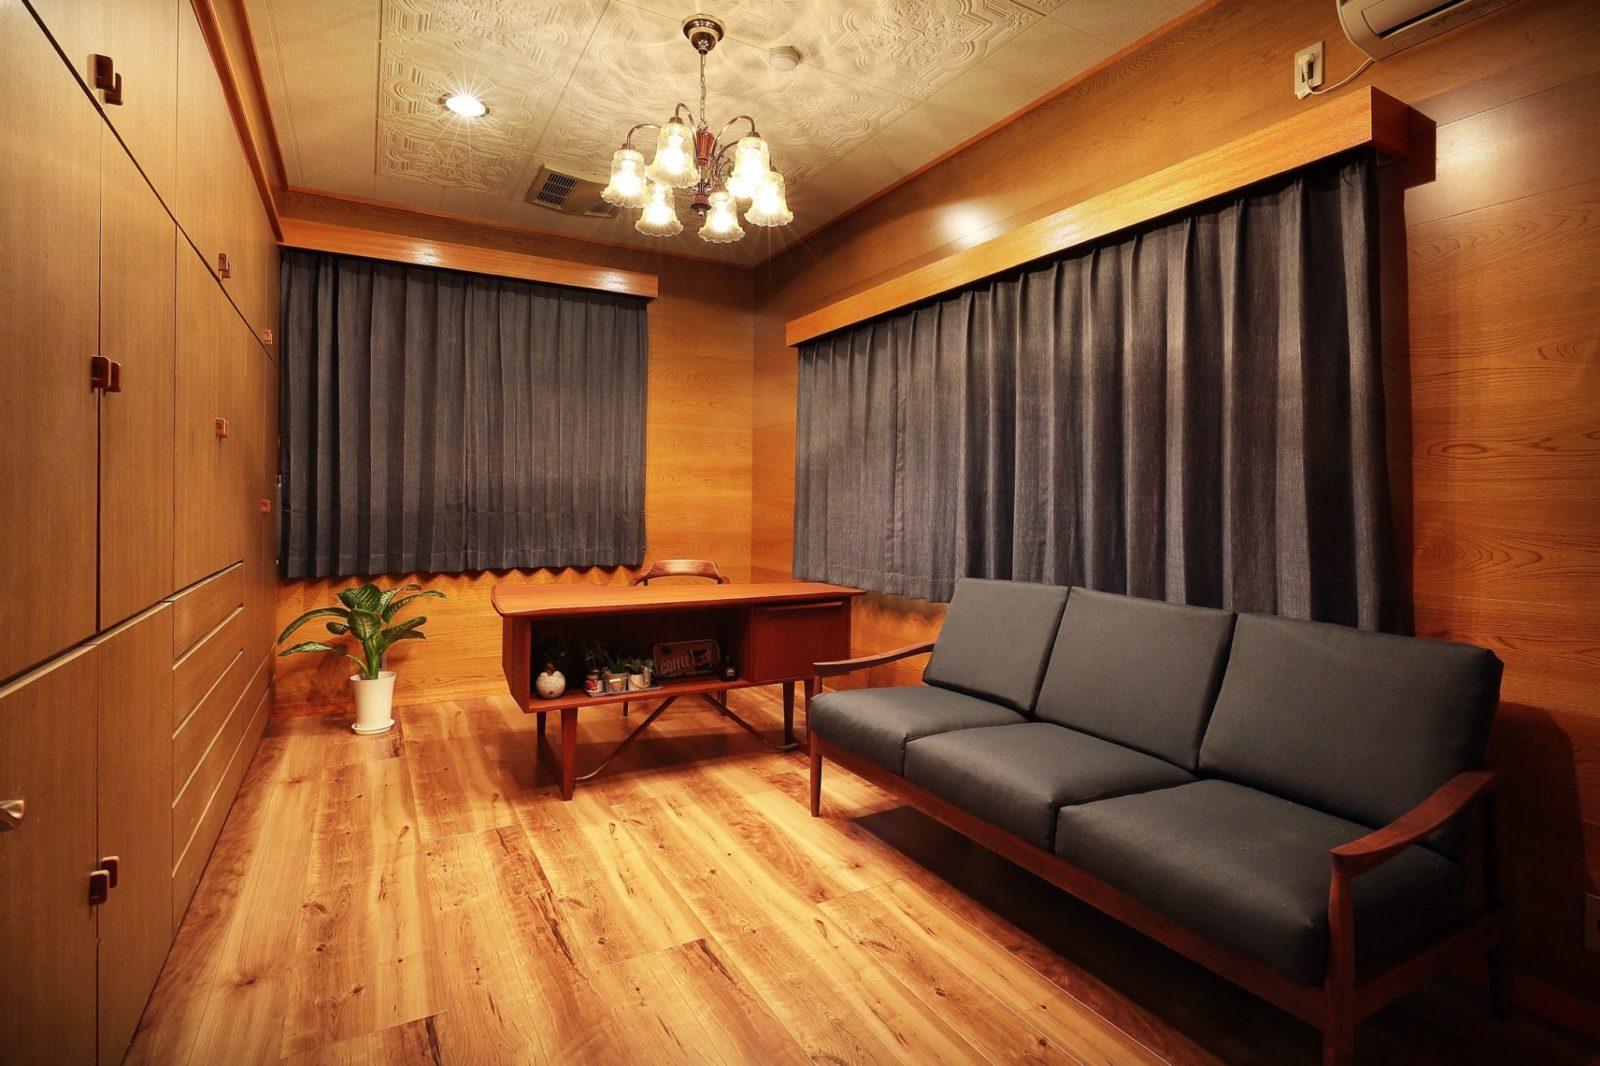 【書斎】ビンテージ家具、床張替え